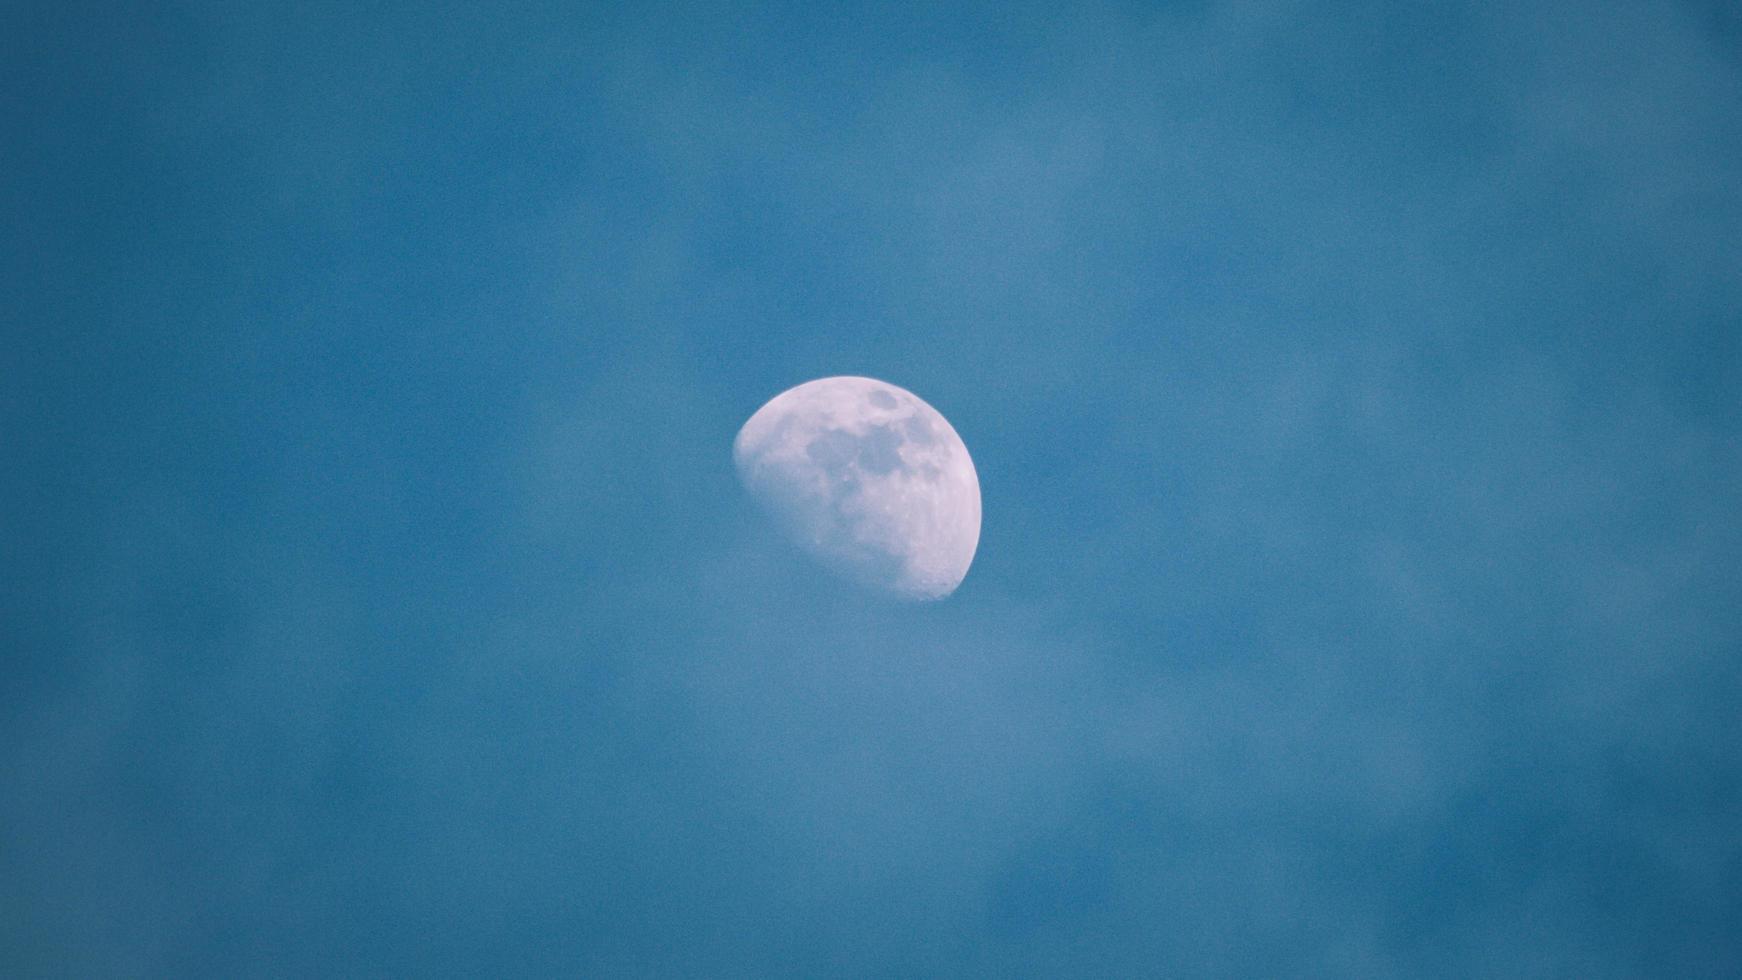 luna azul en el cielo foto